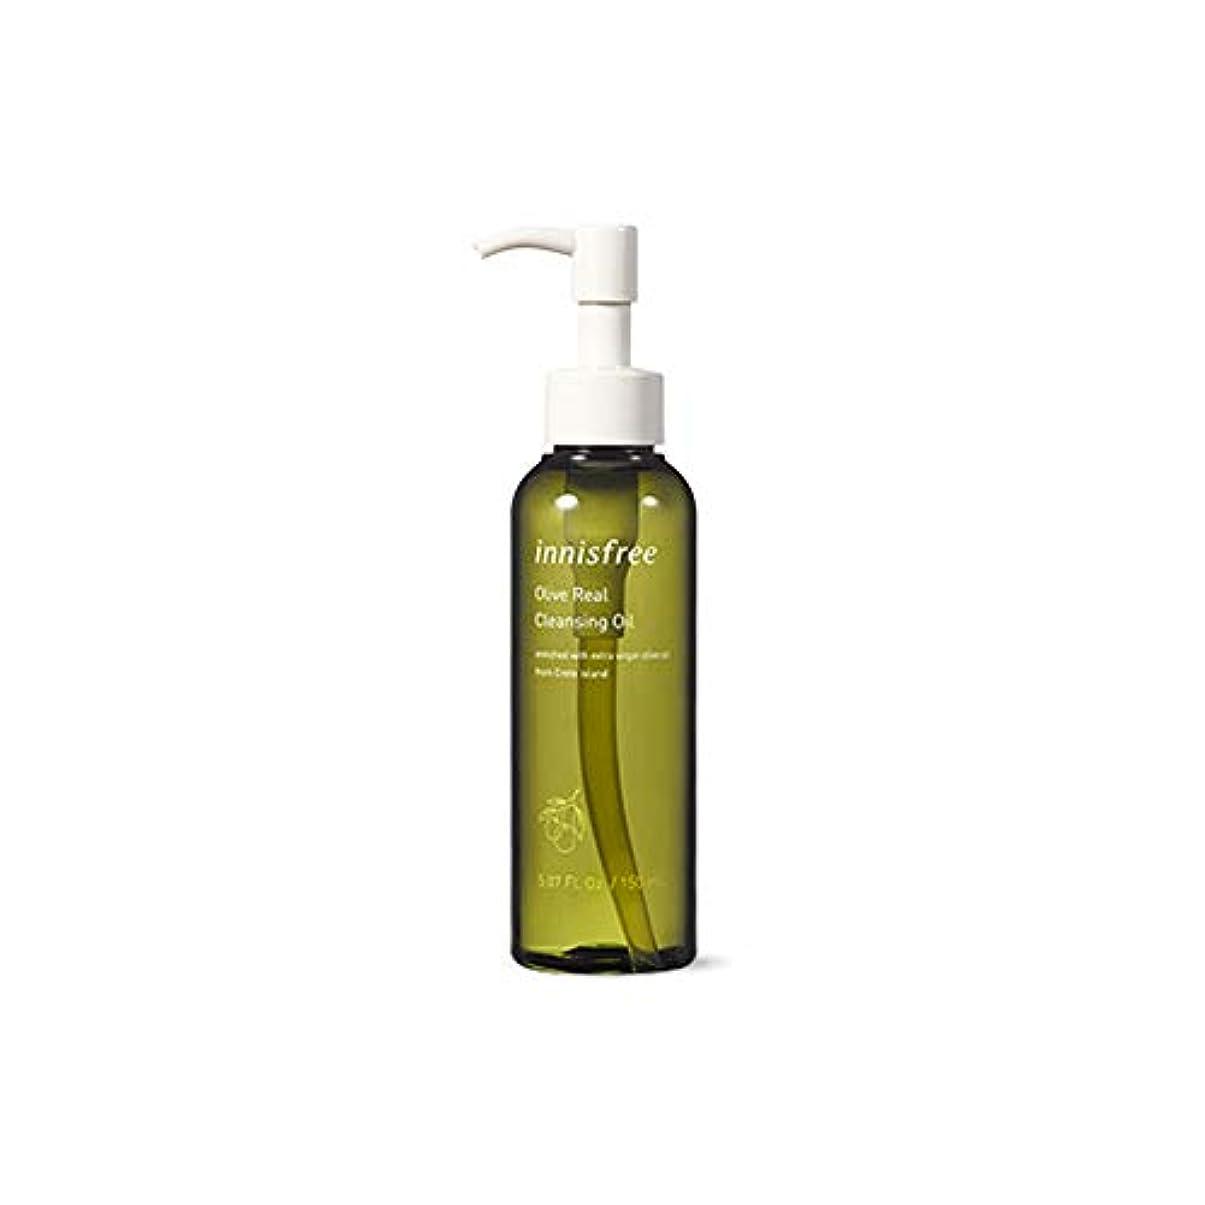 悪の間隔チャートイニスフリー Innisfreeオリーブ リアル クレンジング オイル(150ml) Innisfree Olive Real Cleansing Oil(150ml) [海外直送品]